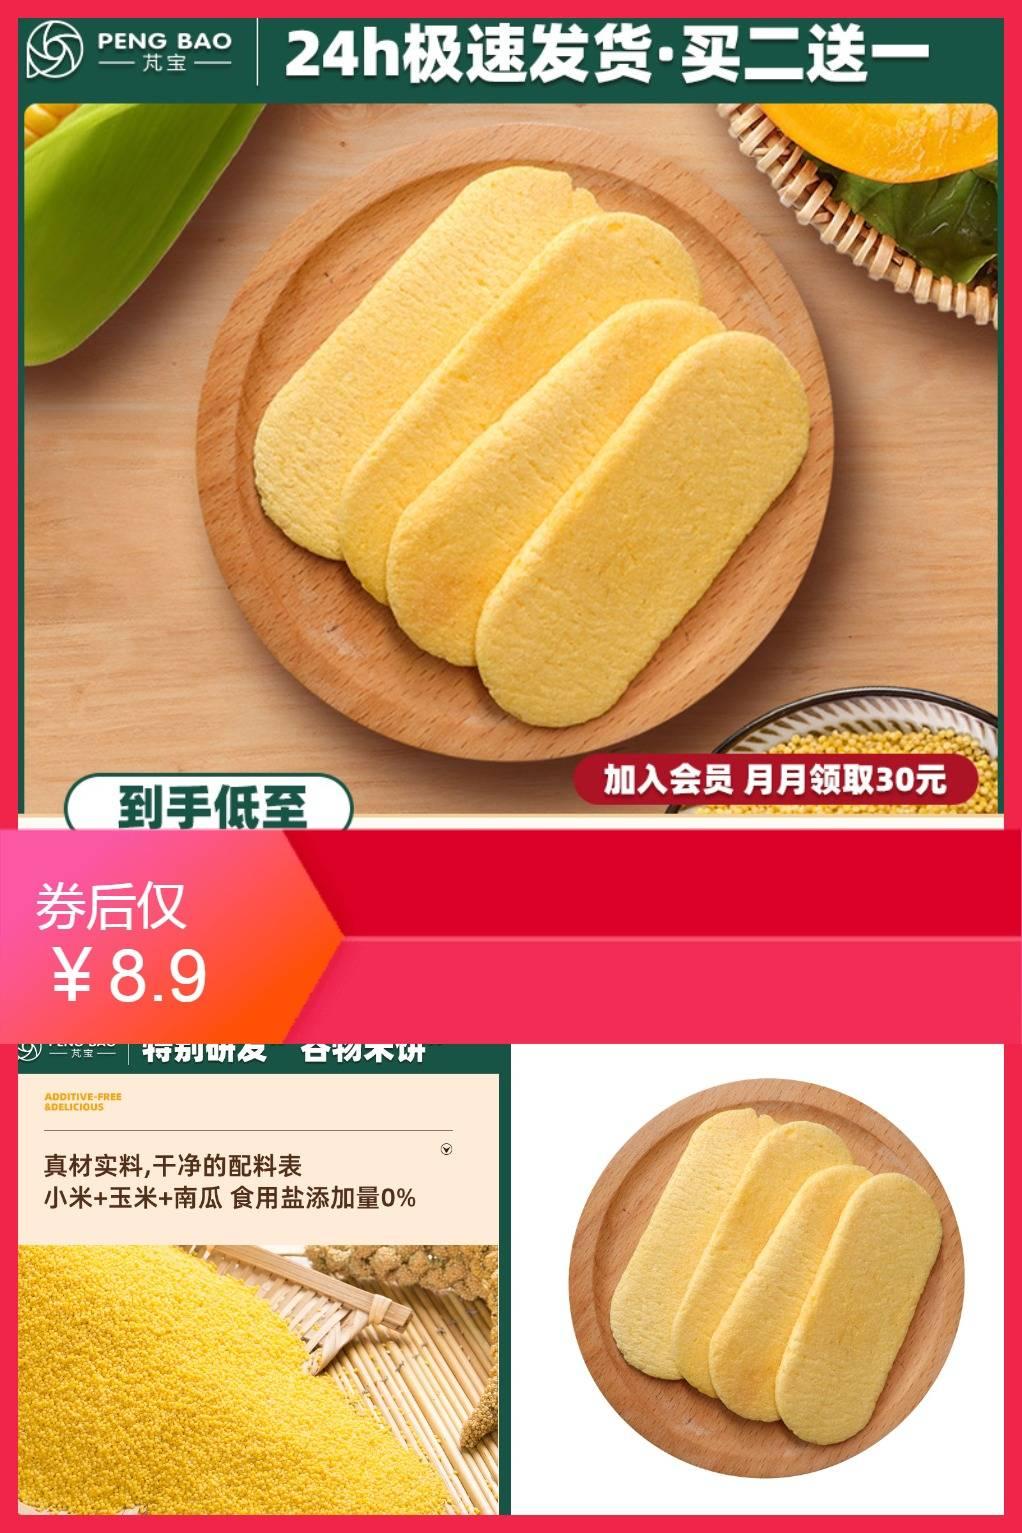 8.9疯抢!婴幼儿健康辅食谷物米饼价格/优惠_券后8.9元包邮